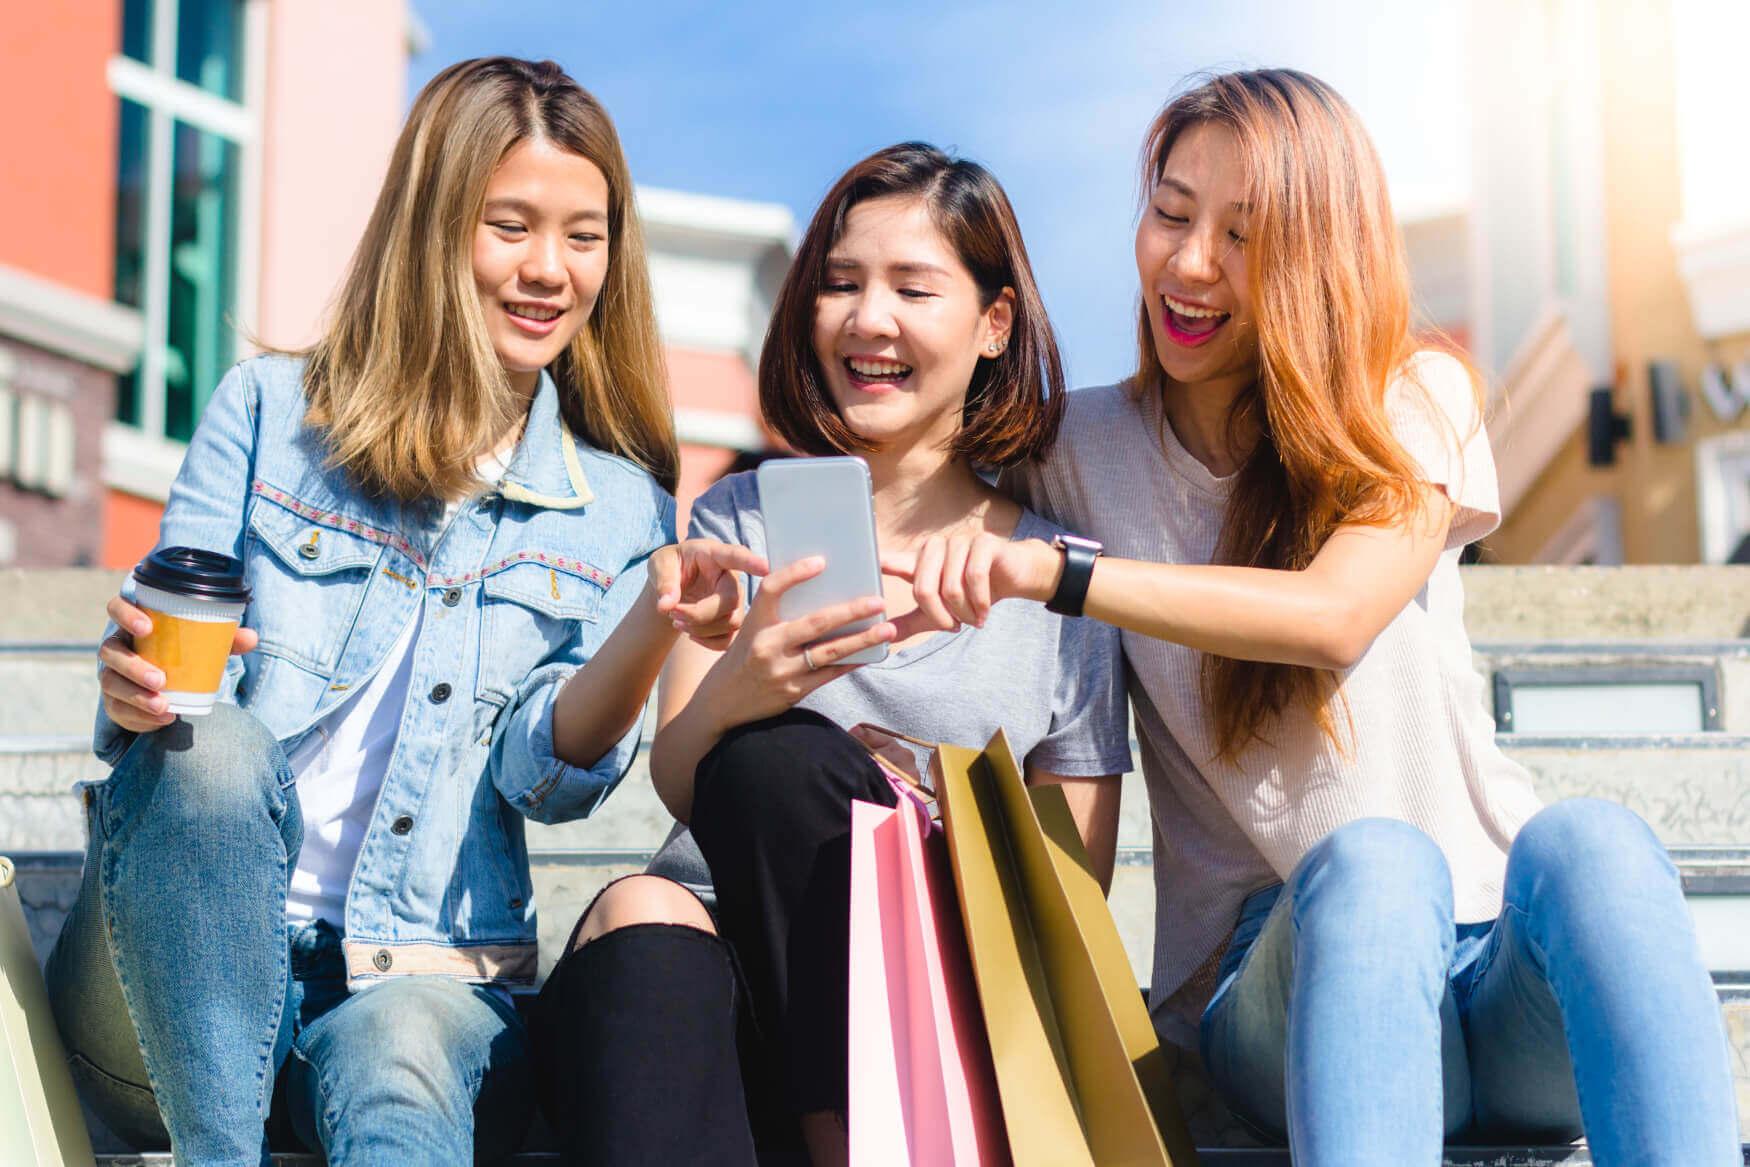 Frauen-am-Smartphone-beim-Vergleichen